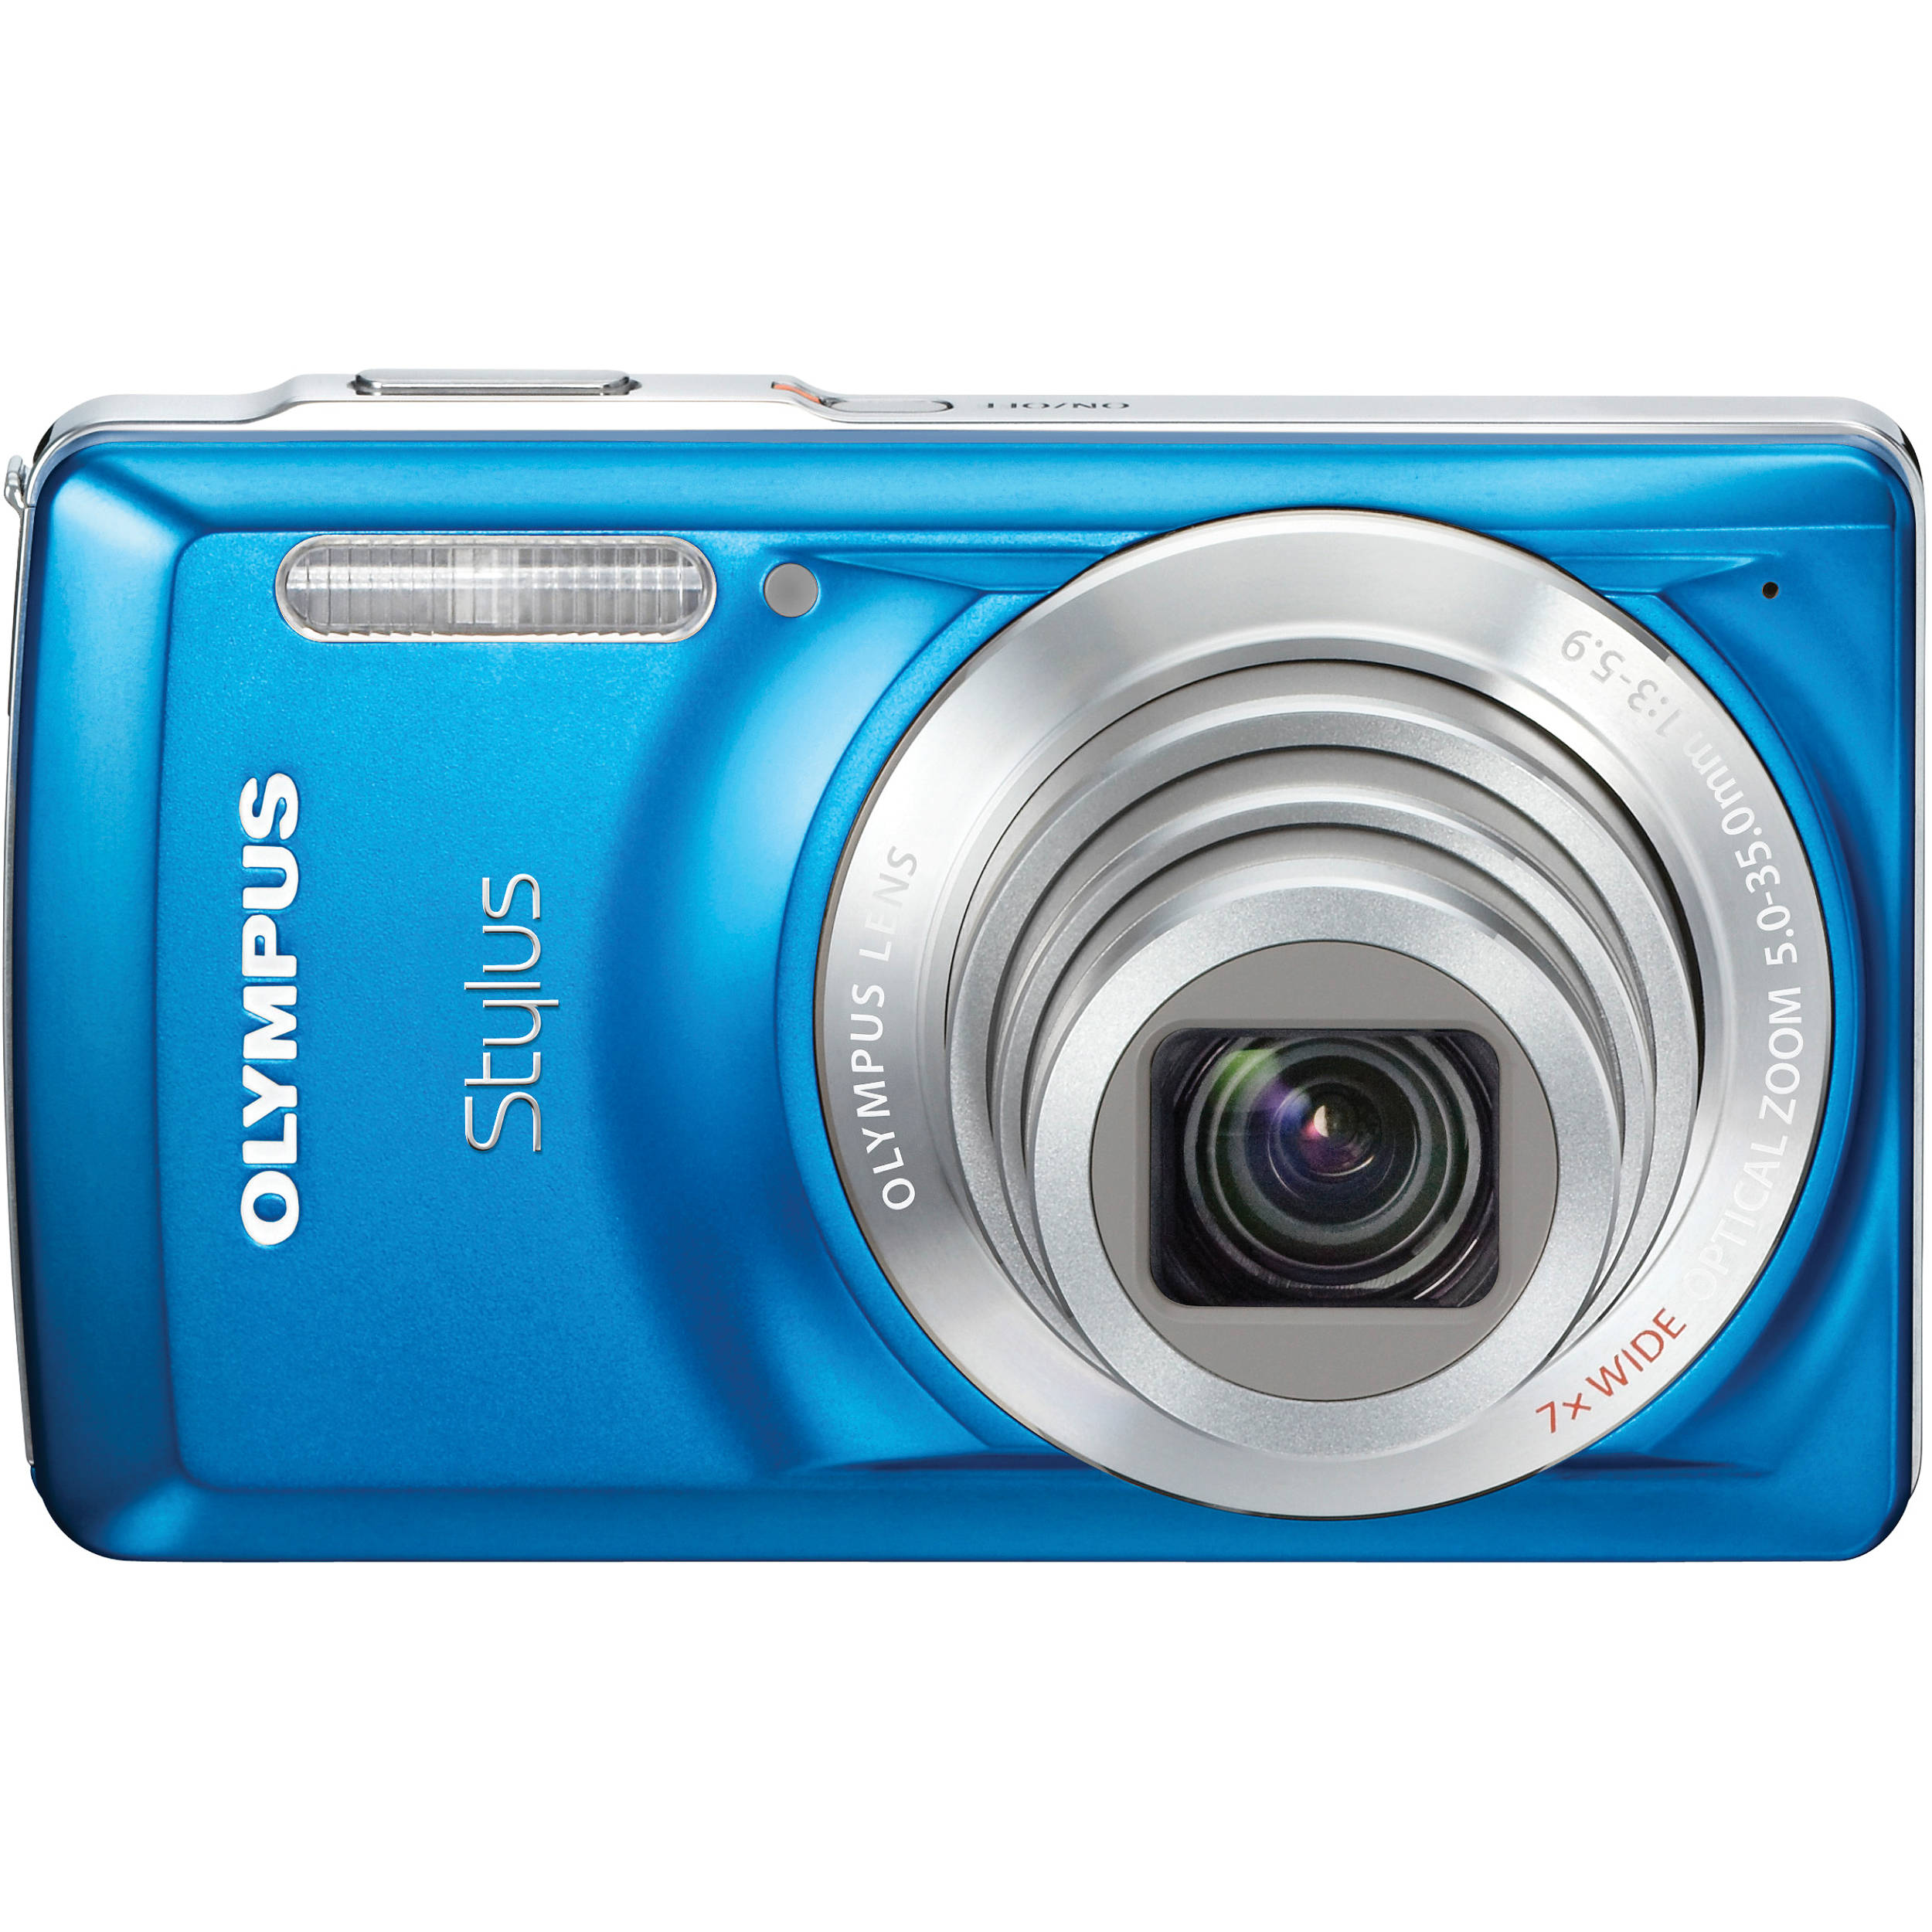 olympus stylus 7030 digital camera blue 227575 b h photo video rh bhphotovideo com Olympus Stylus TG-630 Olympus Stylus 5010